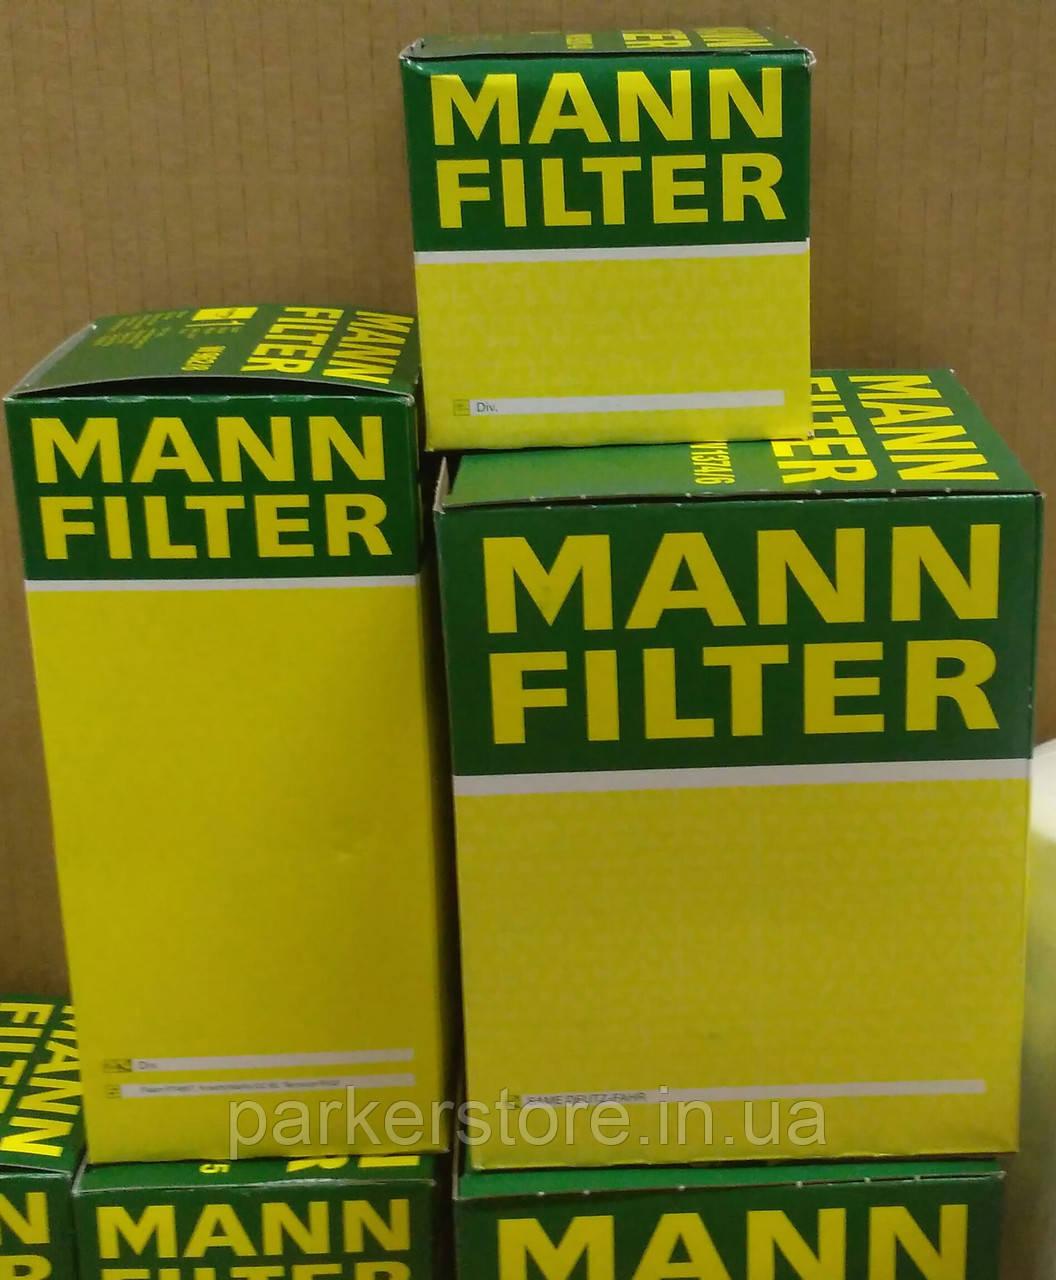 MANN FILTER / Воздушный фильтр / C 14 230 / C14230